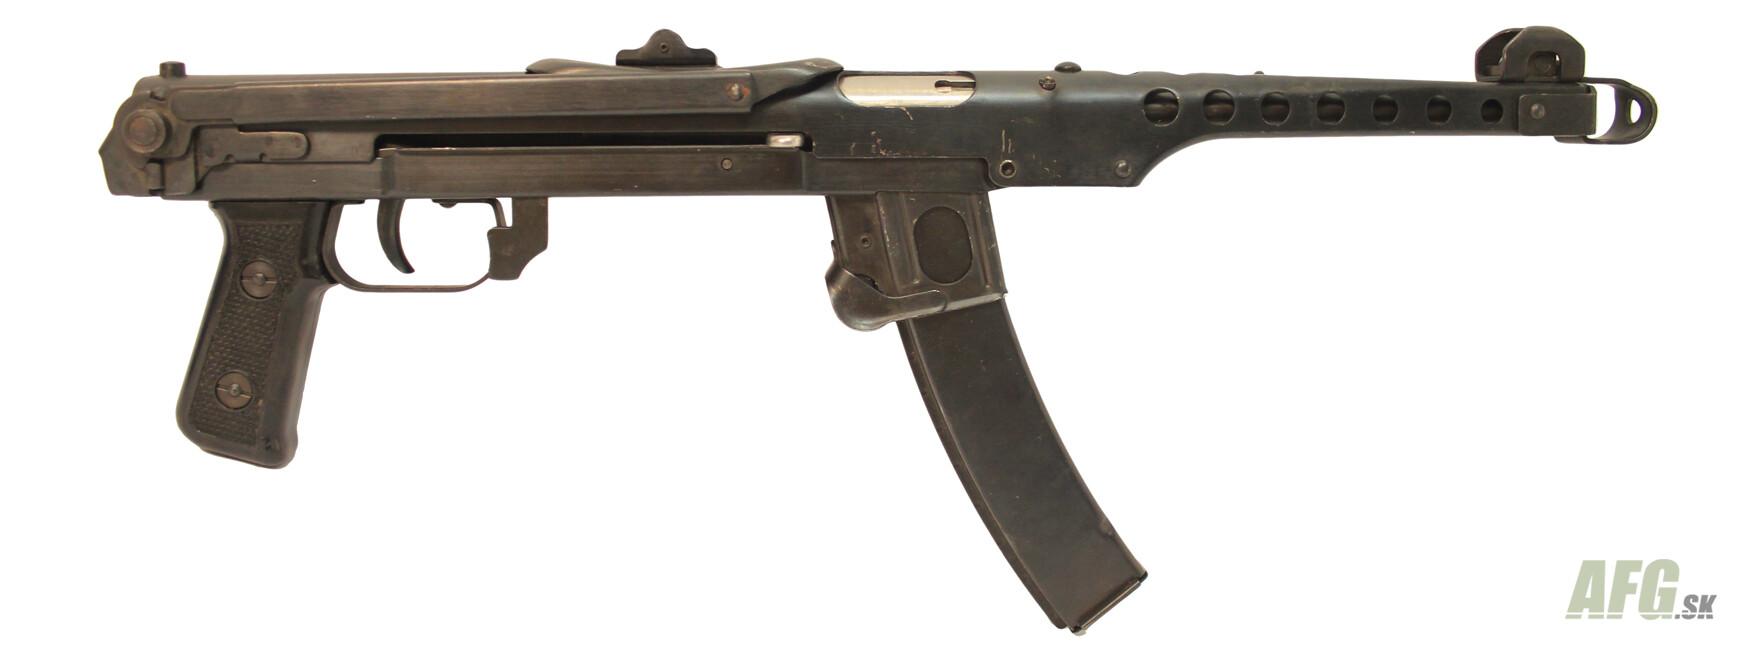 Expanzný samopal Sudajev PPS 43 kal.9x19